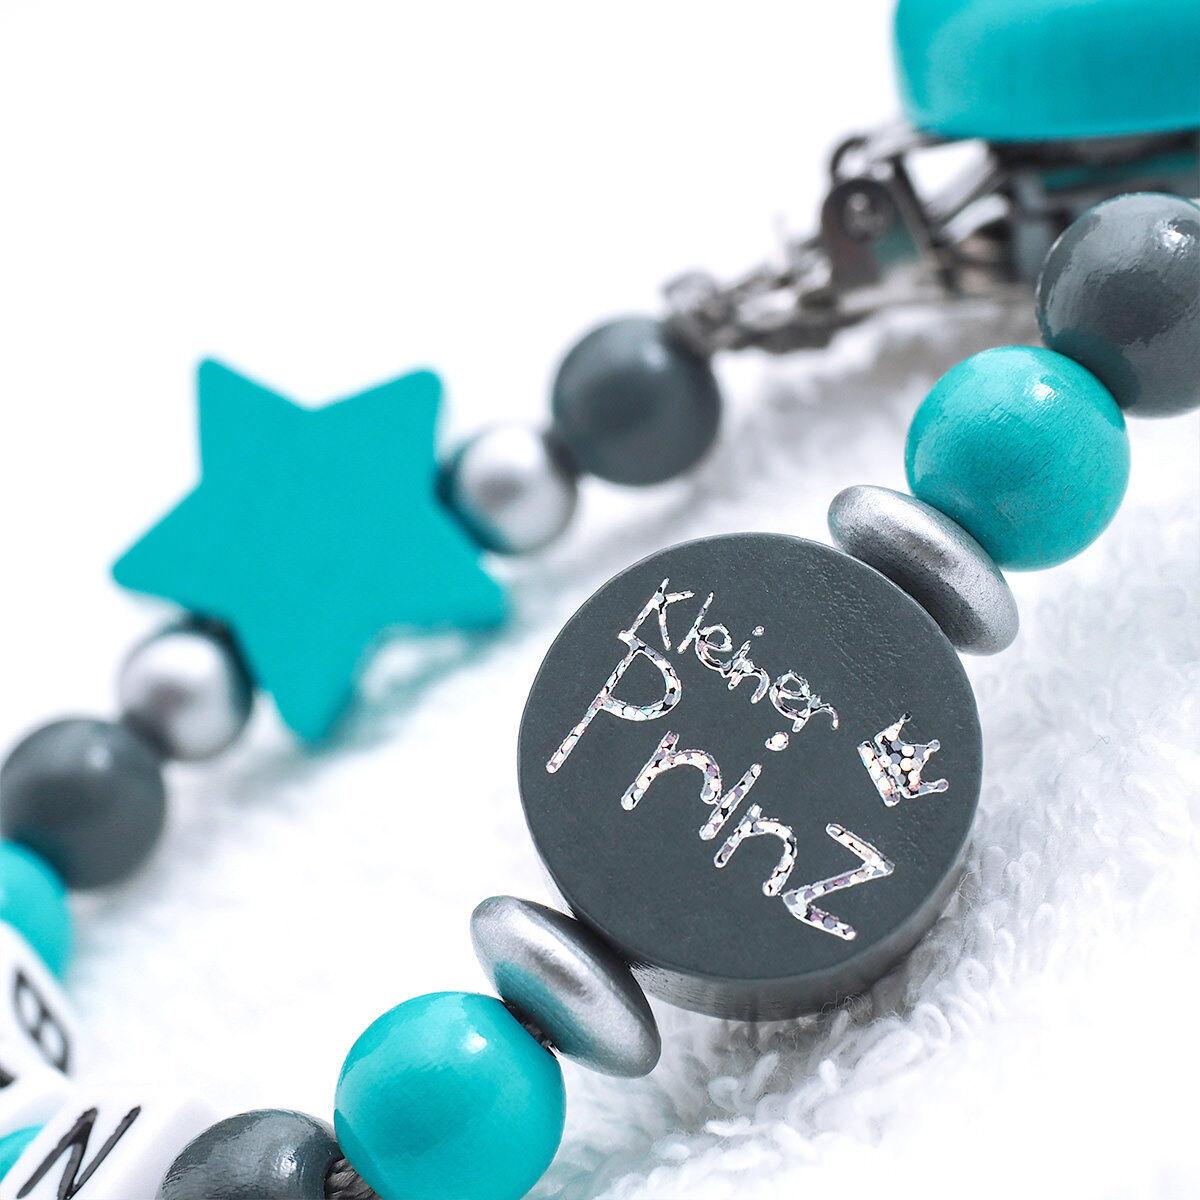 Schnullerkette mit Namen ★ Junge ★ grau türkis Babygeschenk Geburt Nuckelkette